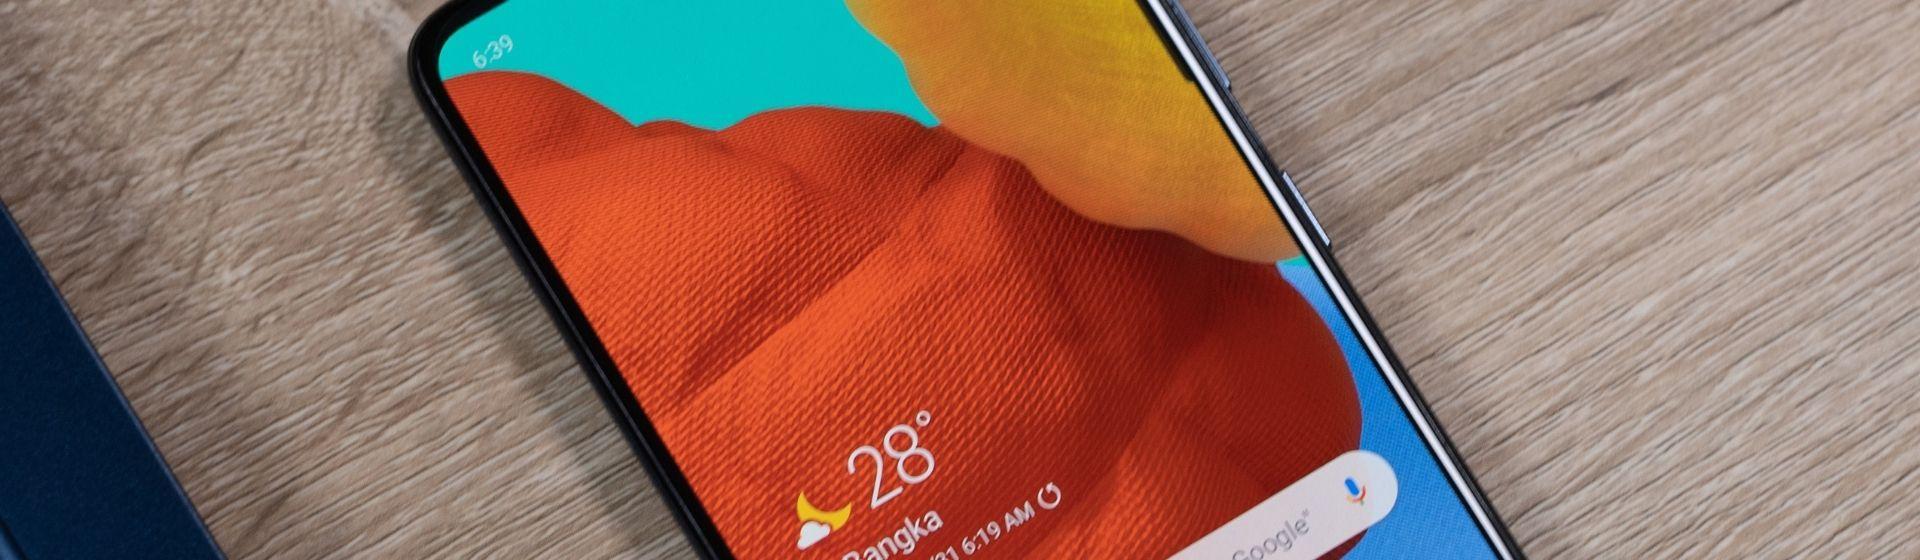 Celulares mais vendidos em dezembro de 2020: Galaxy A51 foi o líder